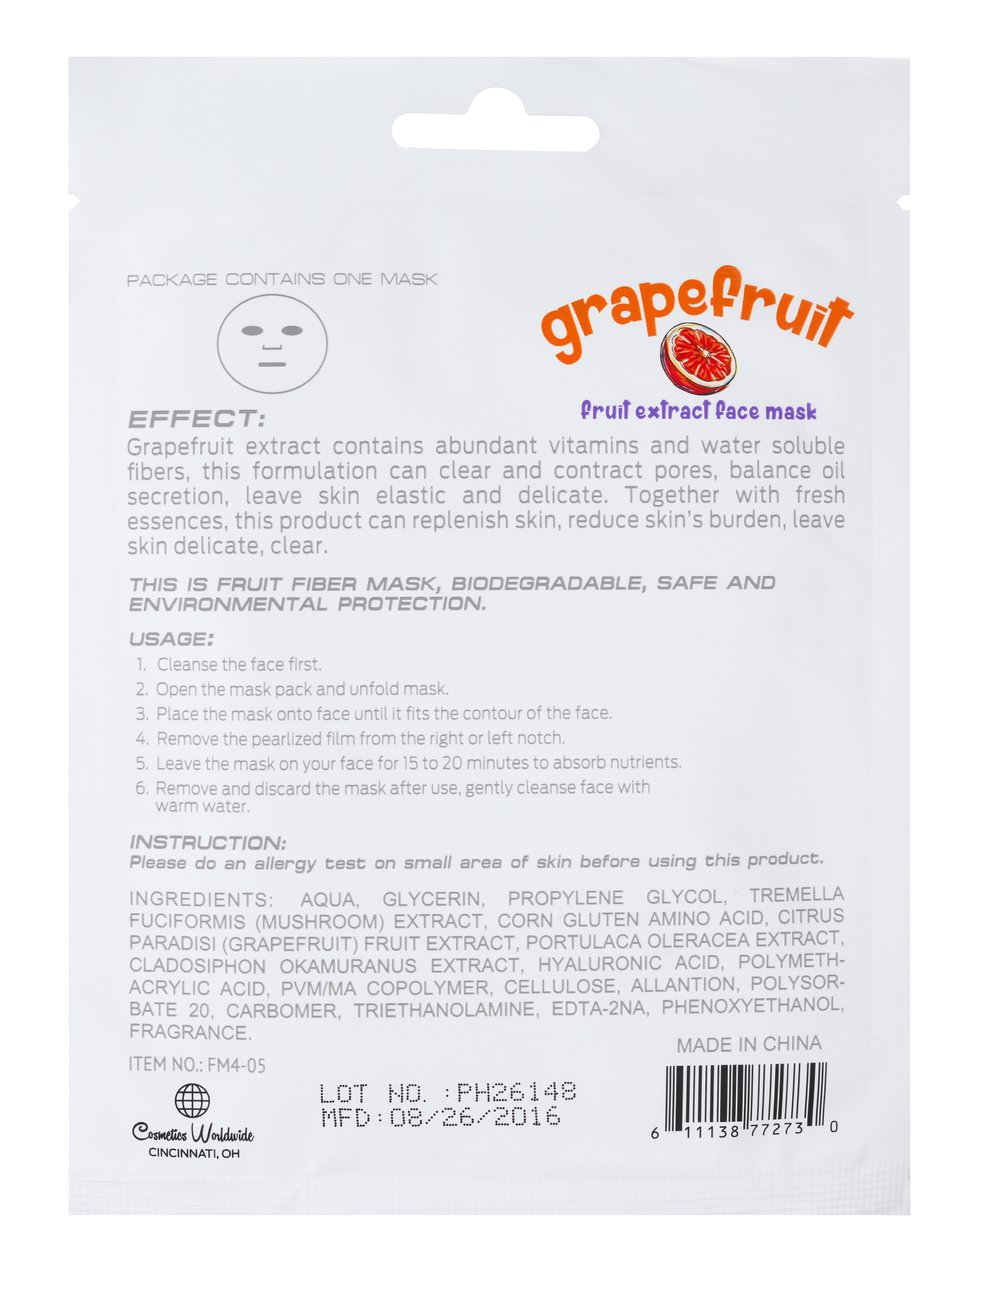 Maskbackgrapefruit.jpg